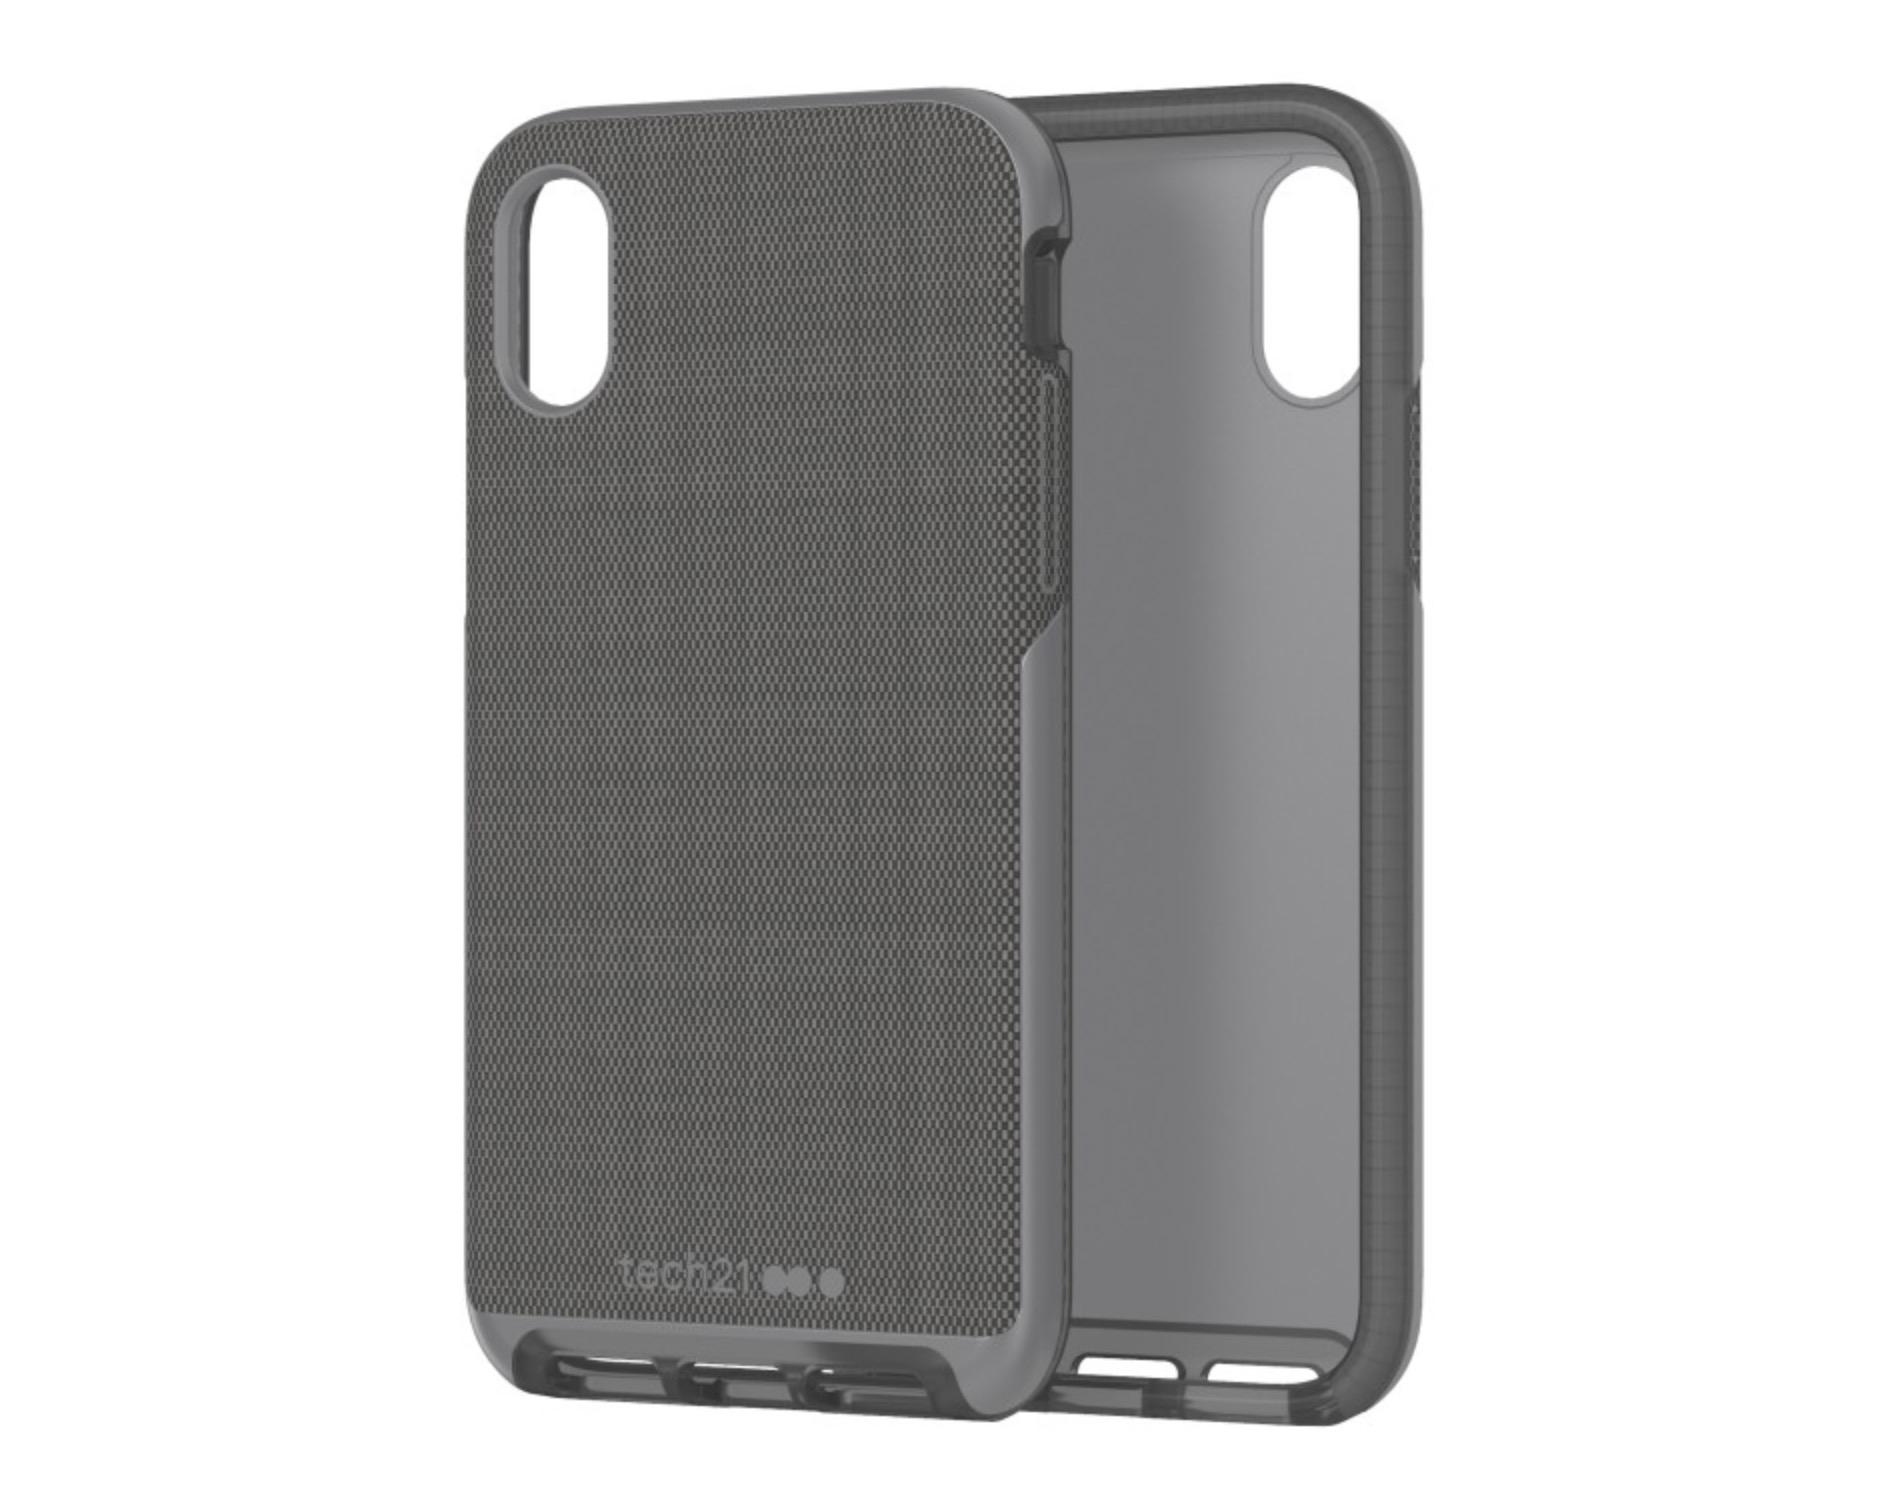 ded7c7aef1 11 Best iPhone XS Cases